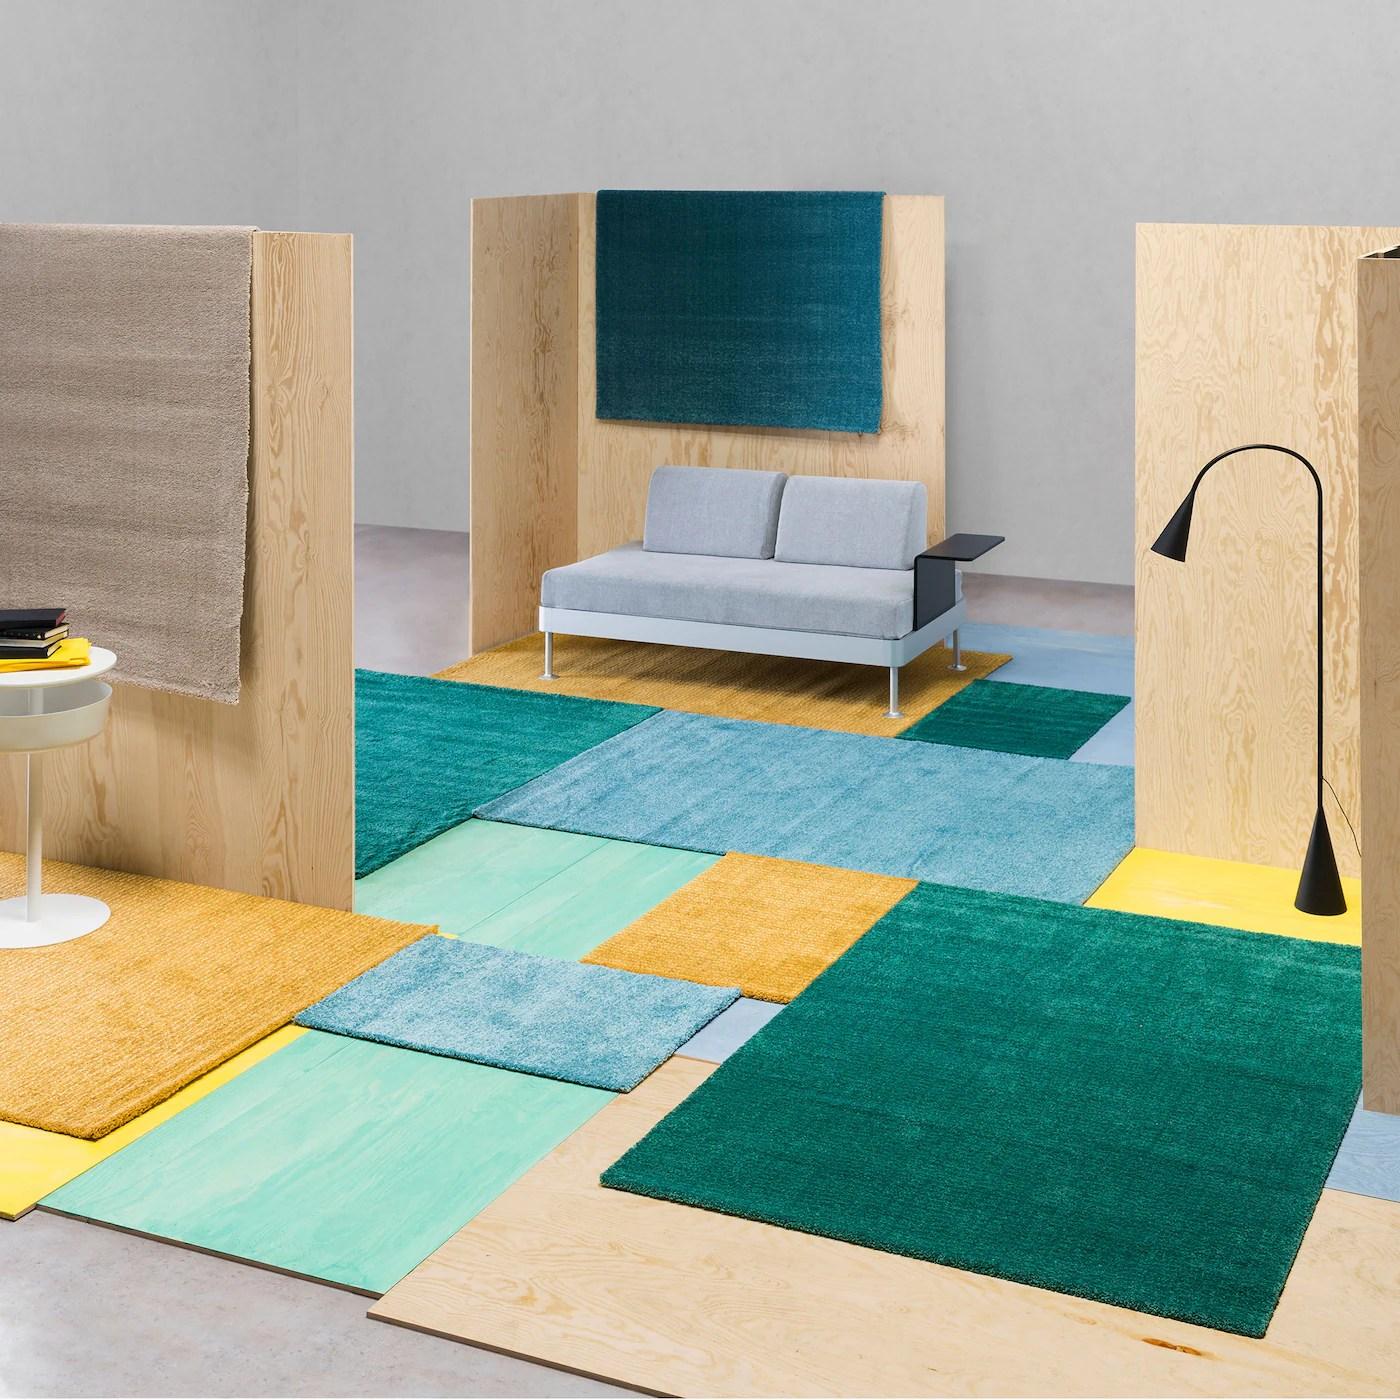 Vloerkleden matten en vloerbekleding  IKEA